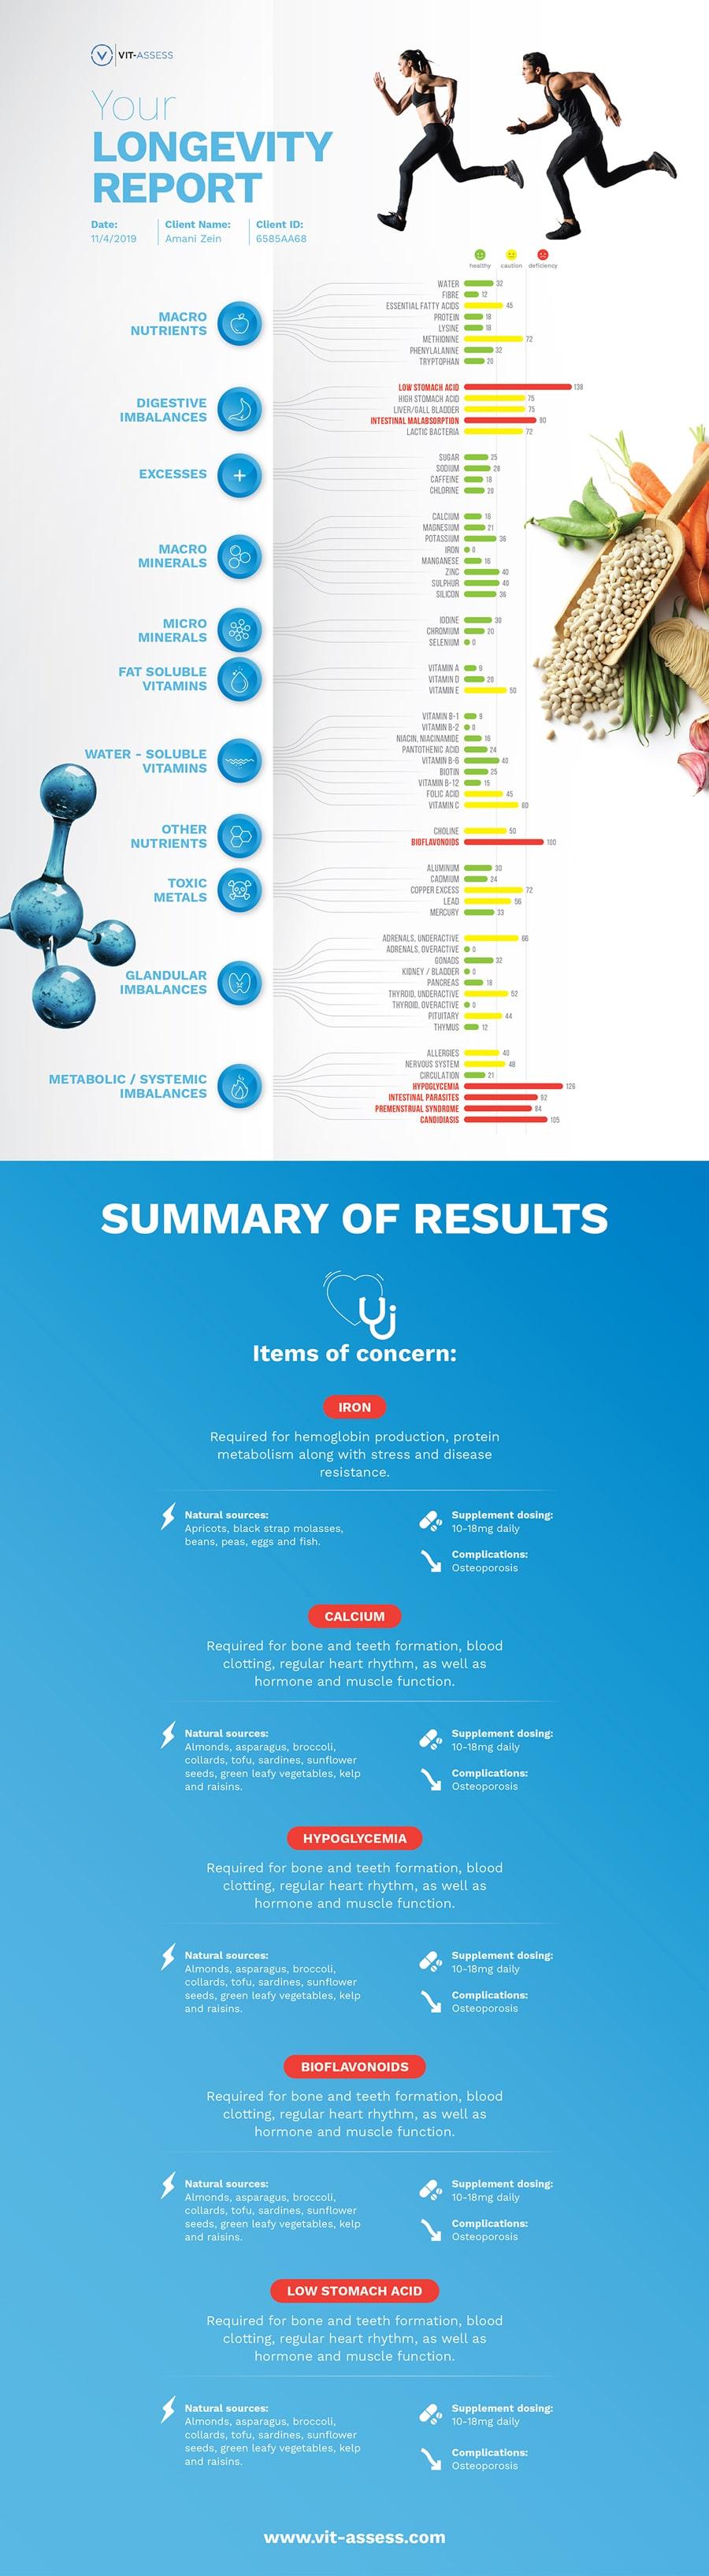 velvetmade longevity report infographic